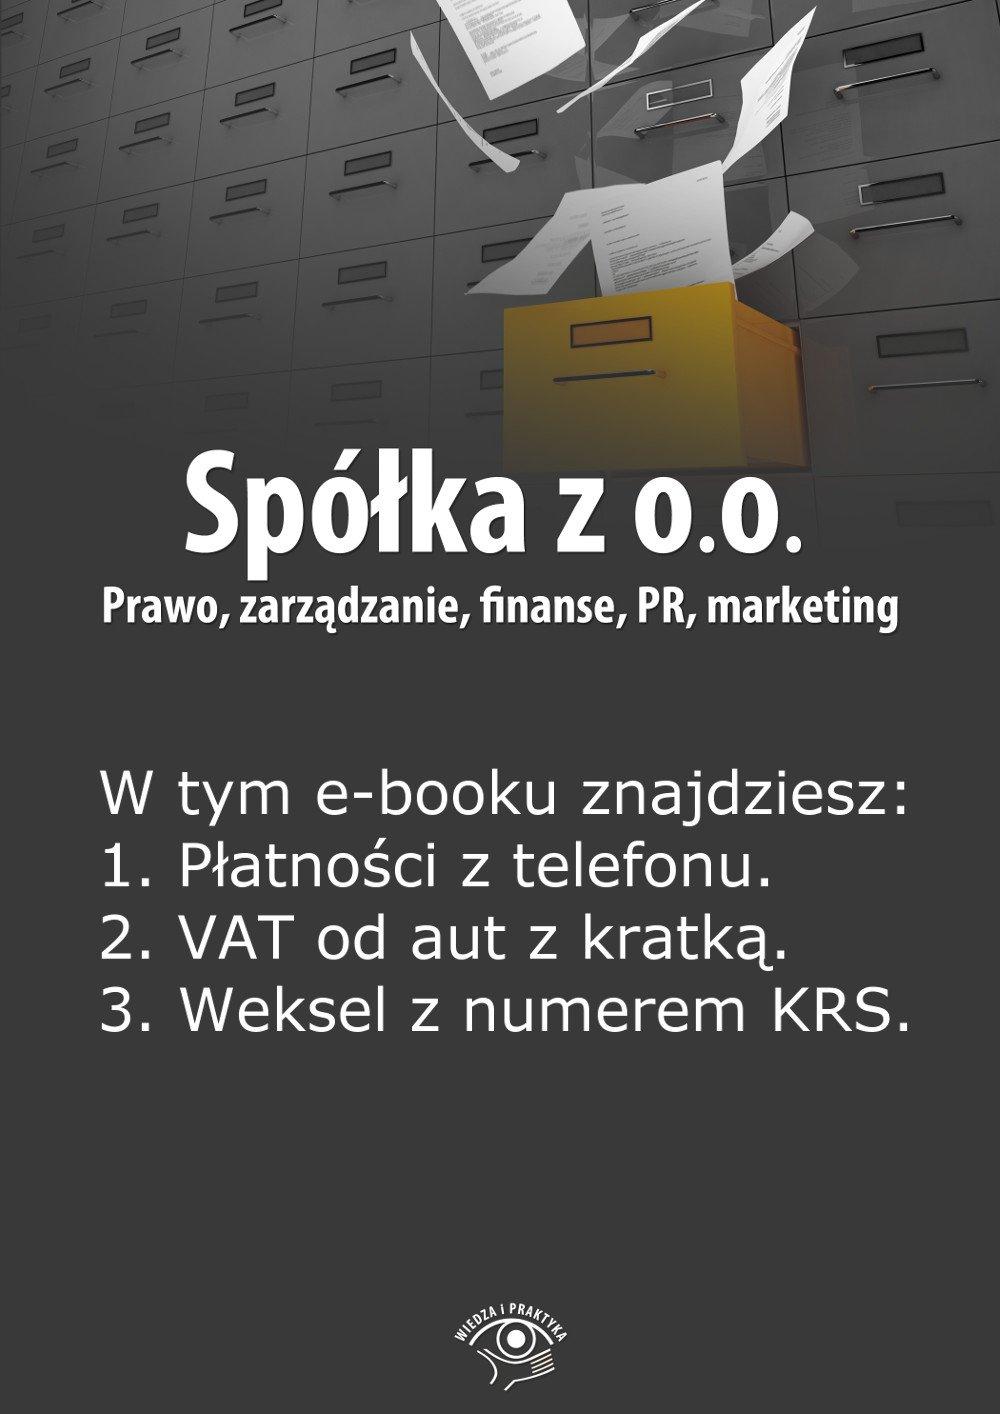 Spółka z o.o. Prawo, zarządzanie, finanse, PR, marketing. Wydanie luty 2014 r. - Ebook (Książka EPUB) do pobrania w formacie EPUB